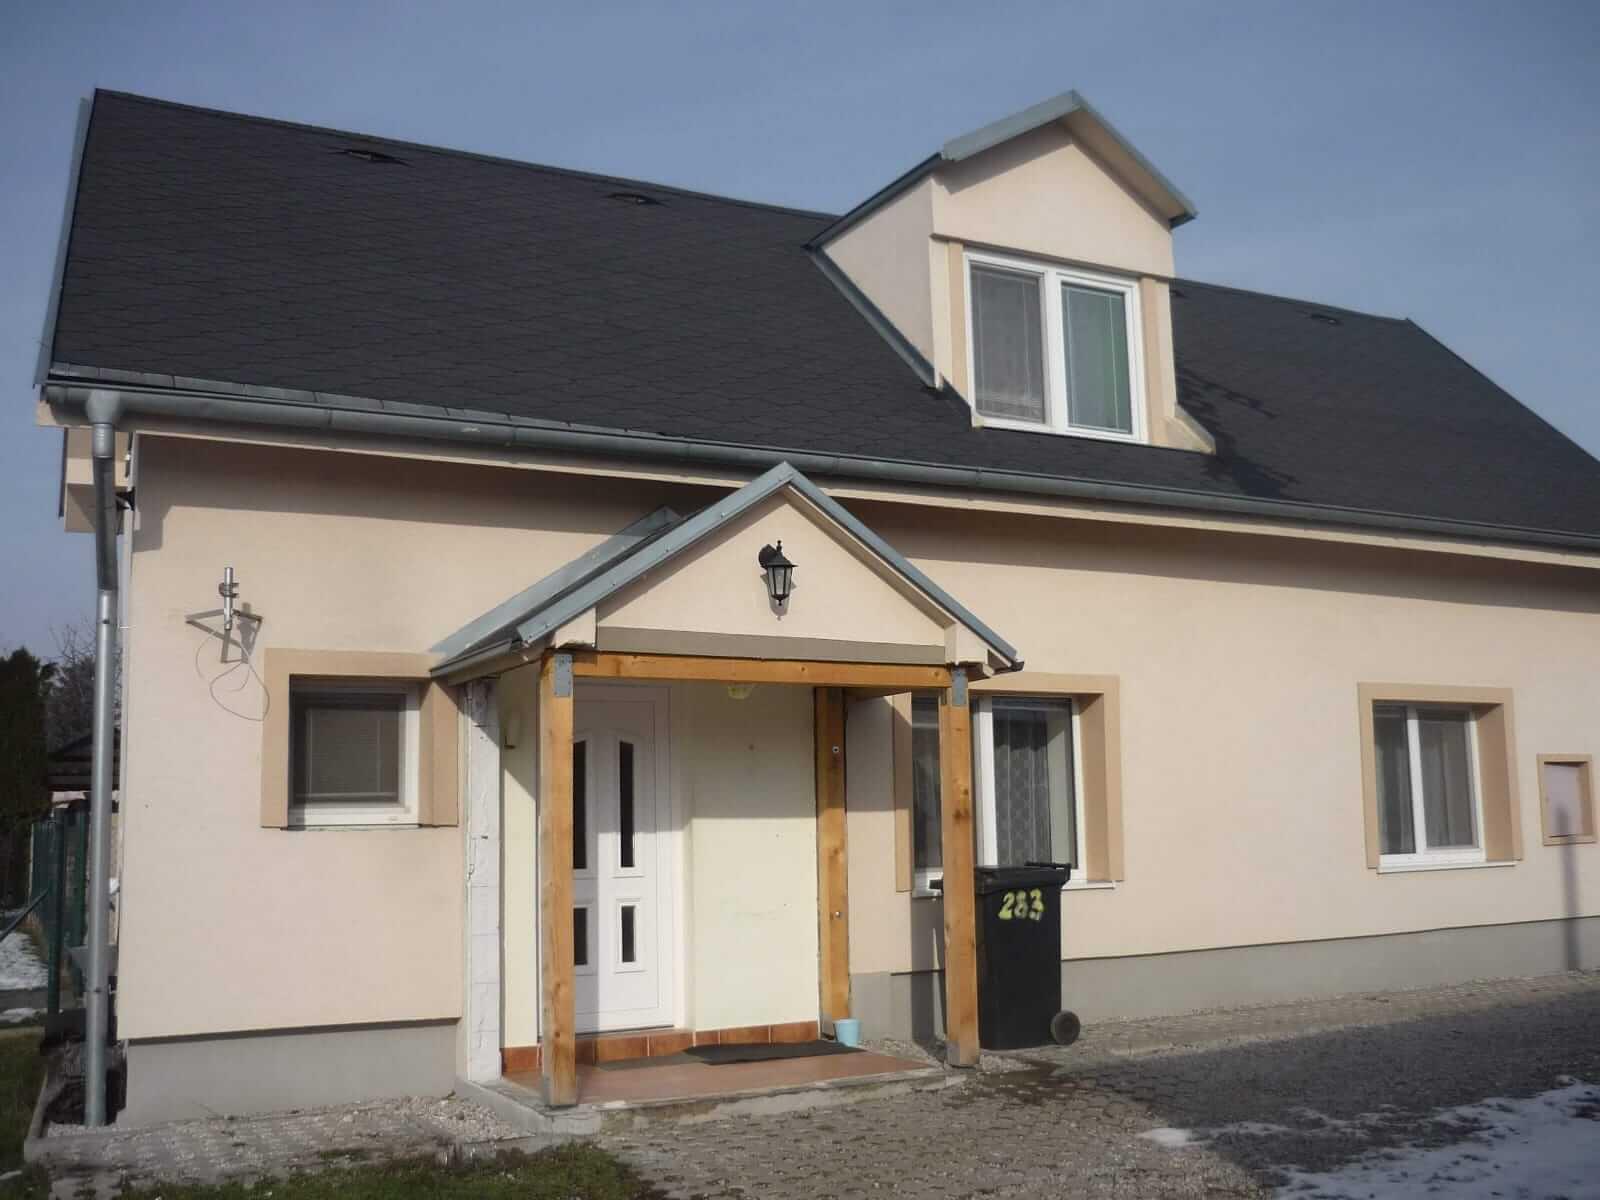 Rezervované: Predaj 3 Izbového Rodinného domu, Viničné, Pri Pezinku, úžitková plocha 134m2-40